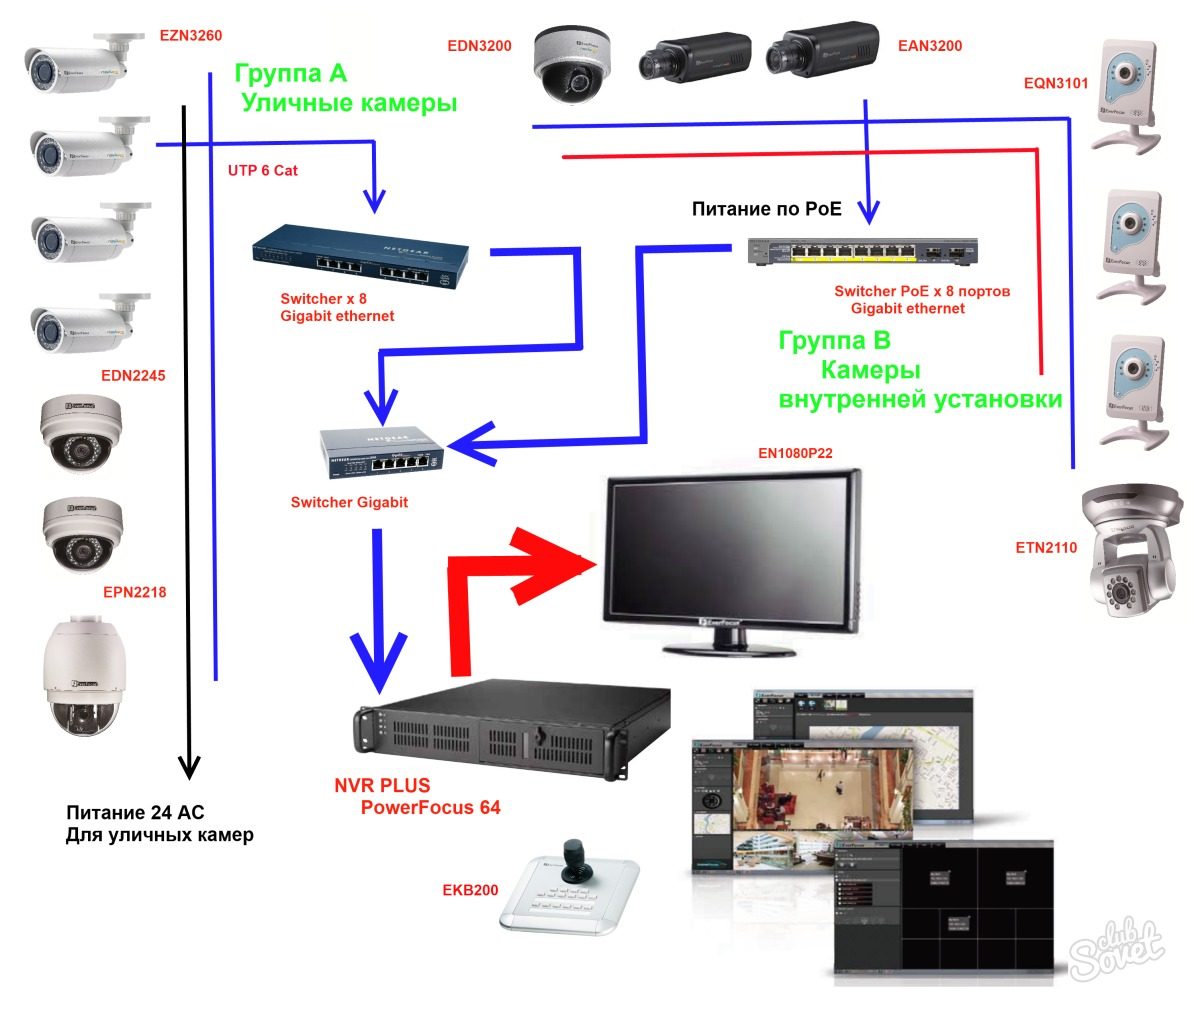 Схема видеонаблюдения своими руками